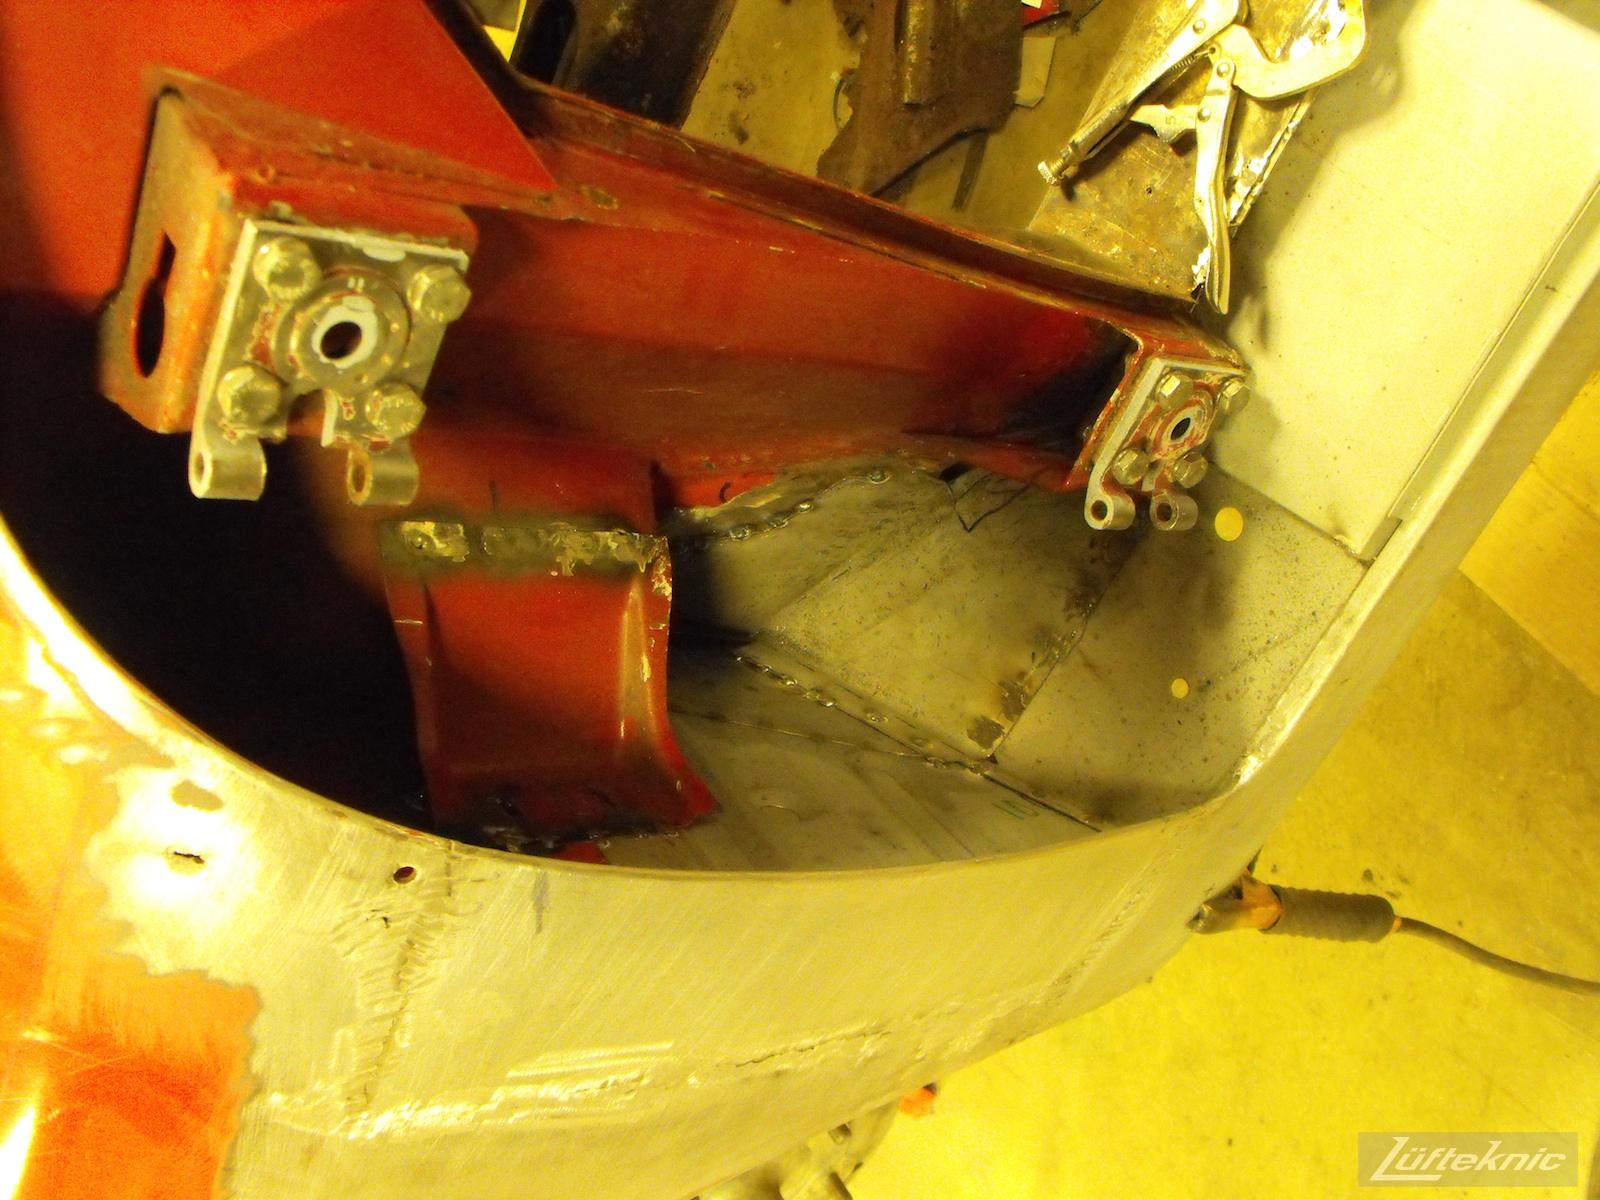 Rust repair on a 1961 Porsche 356B Roadster restoration.